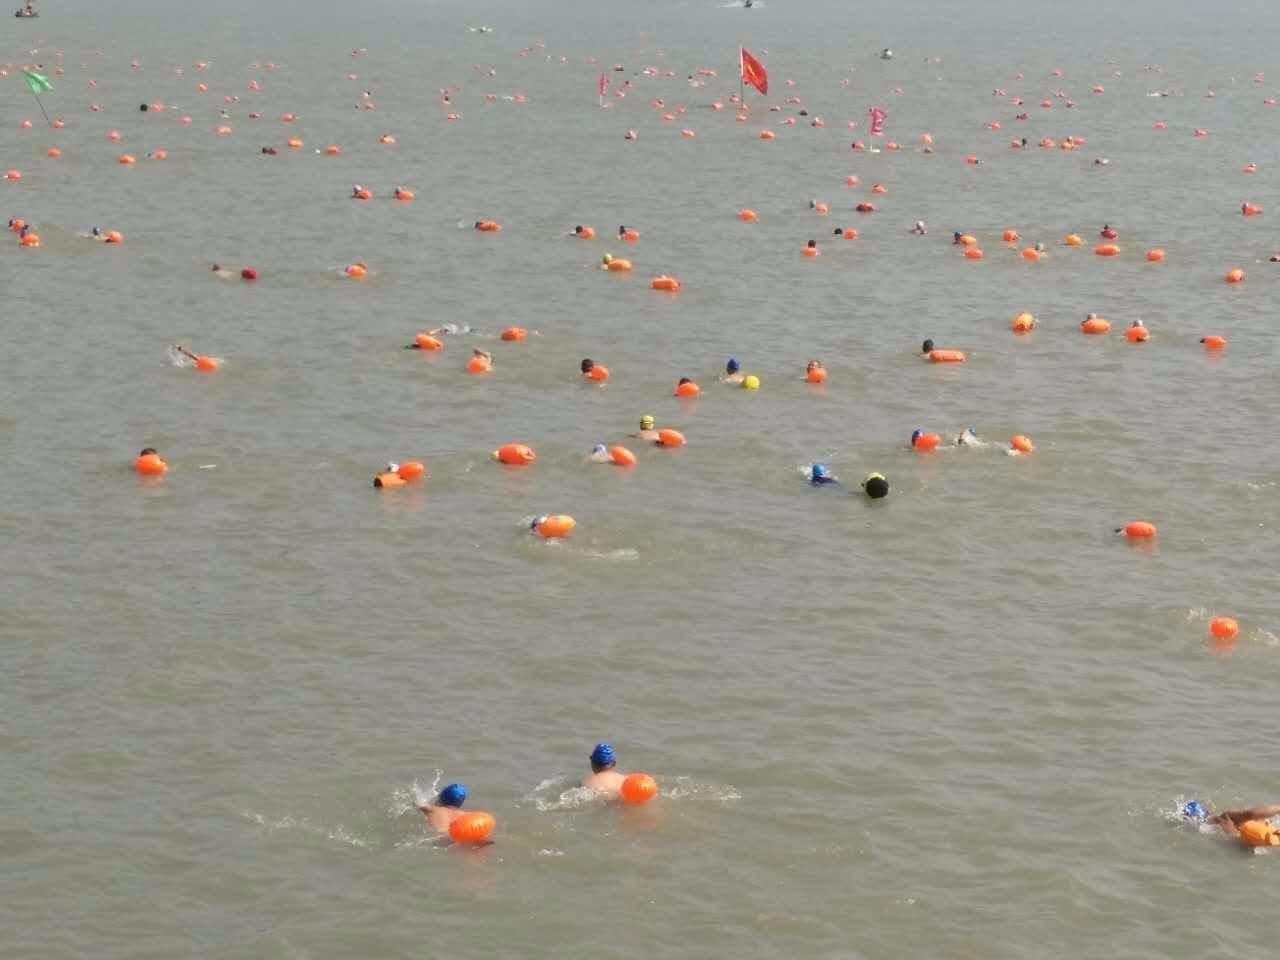 2000多名健儿横渡钱塘江  小潮汛里感受游泳的快感